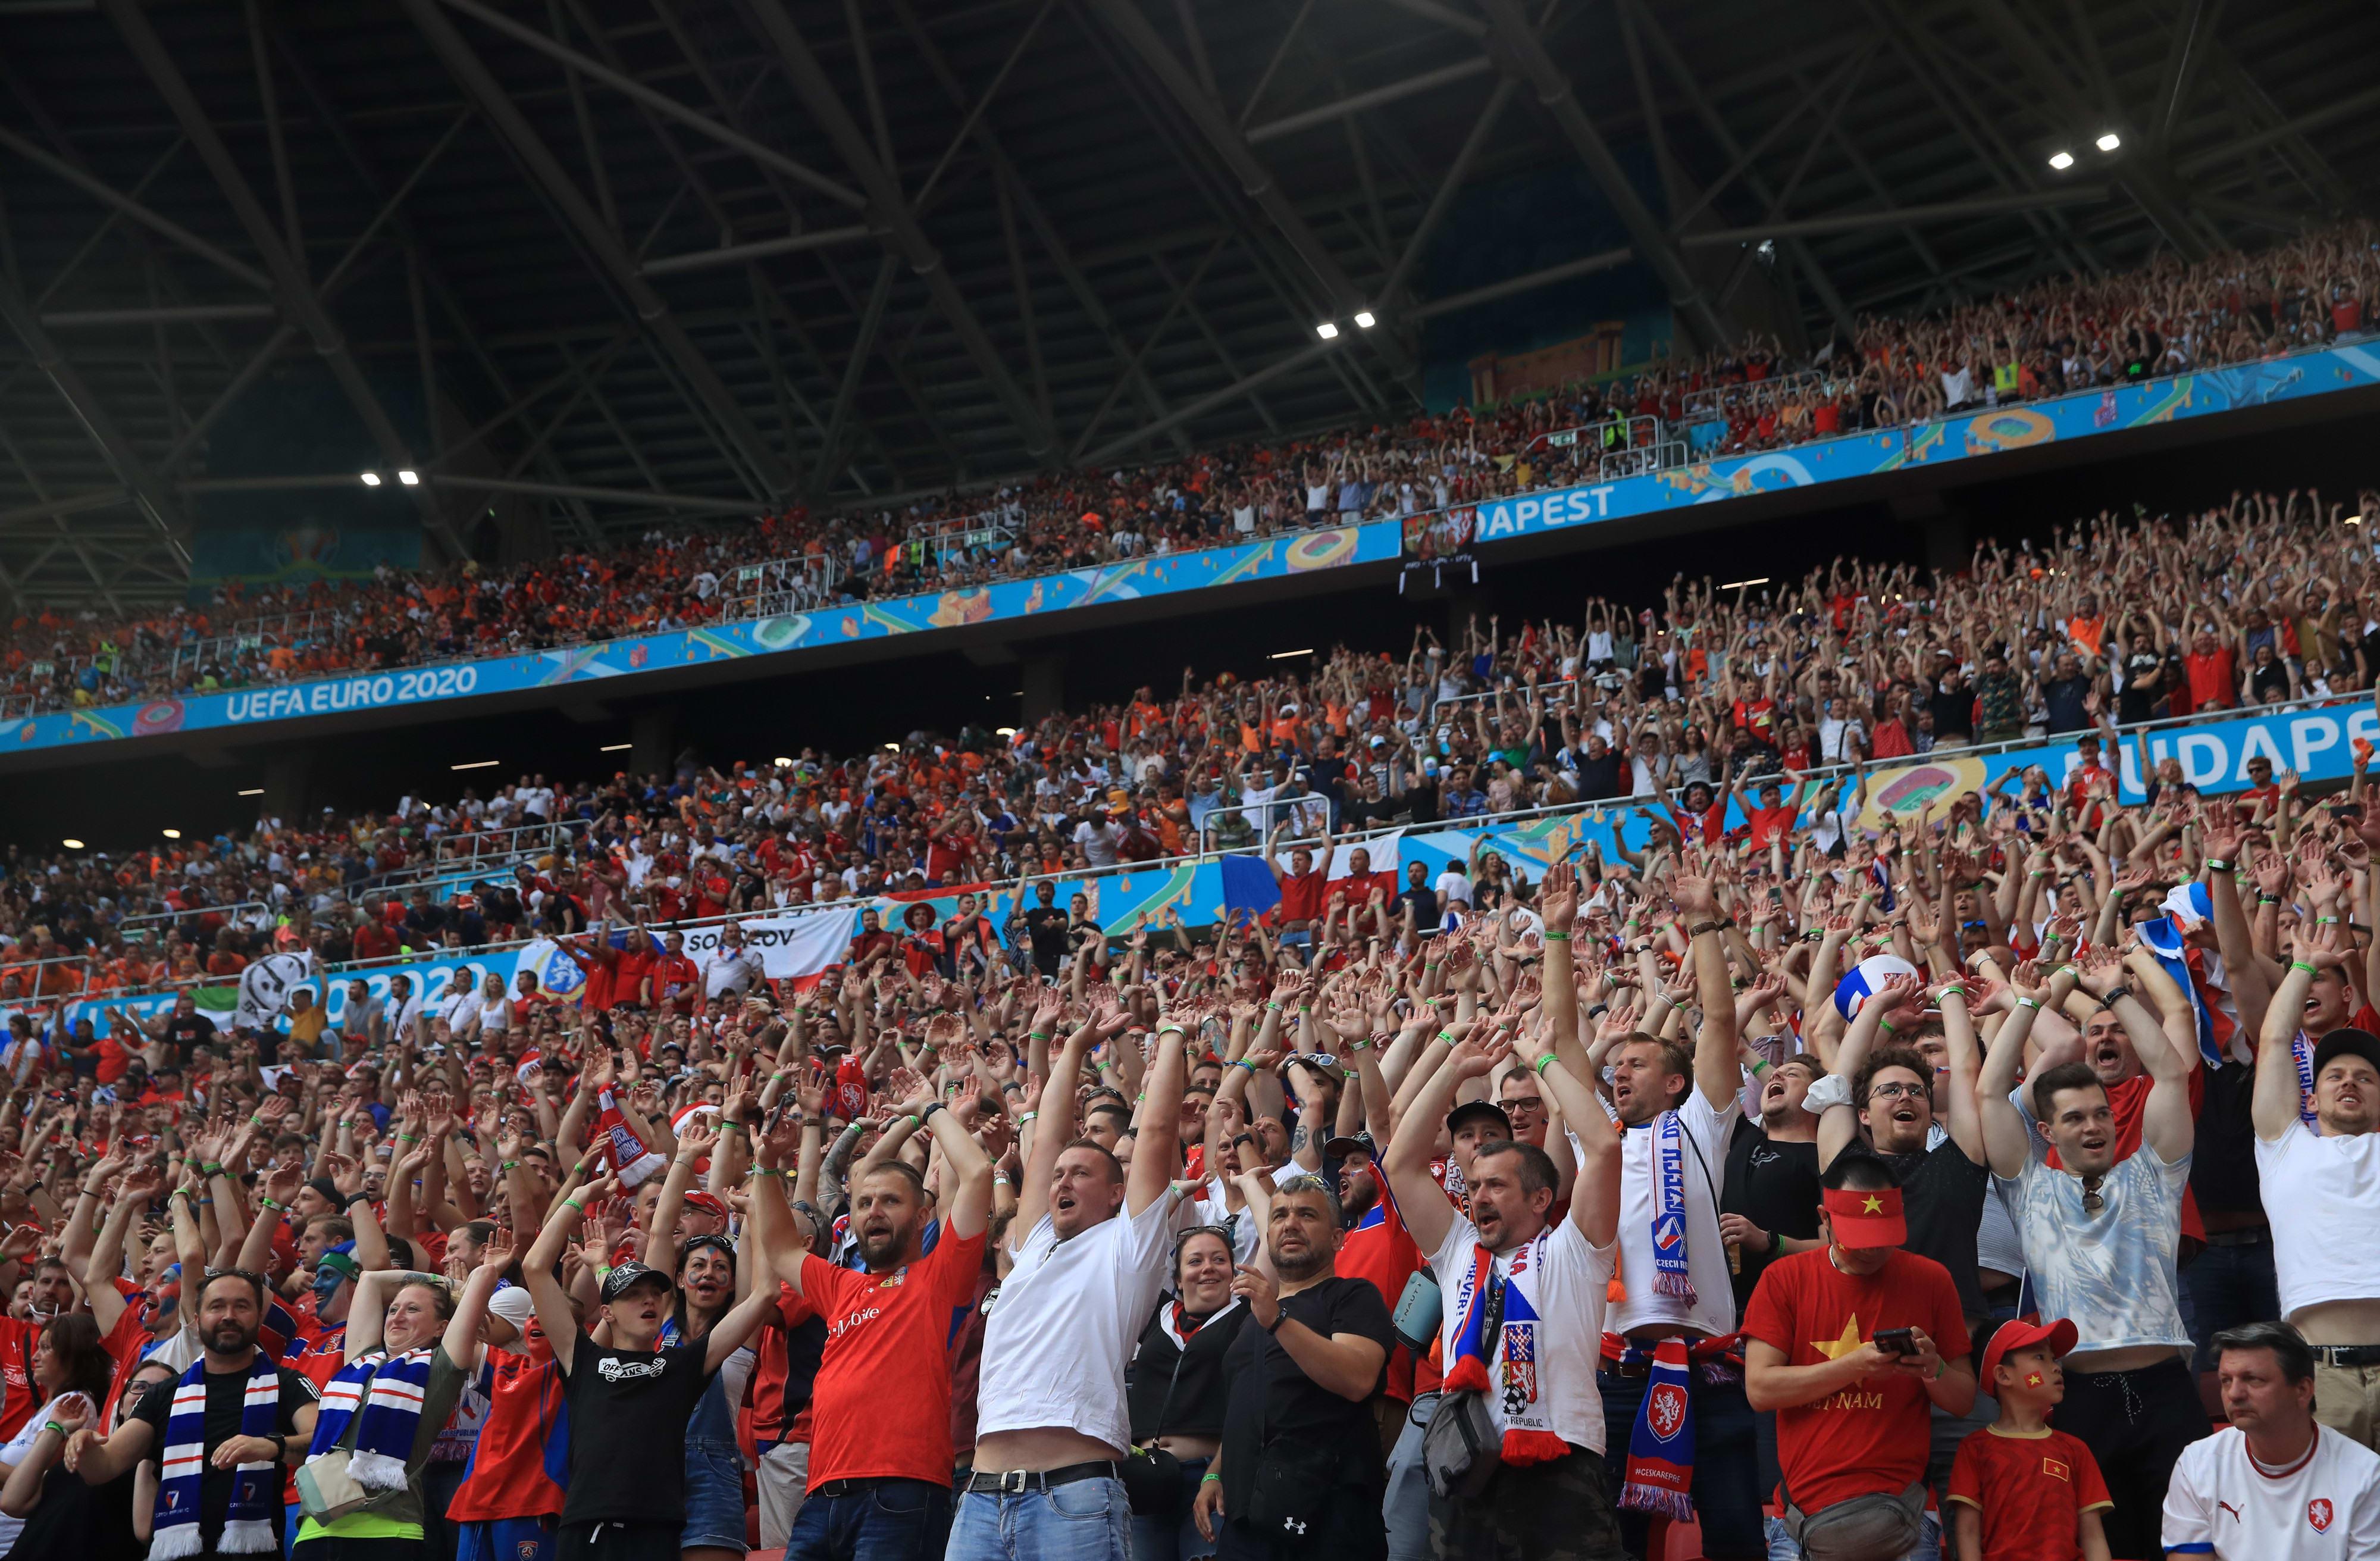 אוהדי נבחרת צ'כיה, יורו 2020